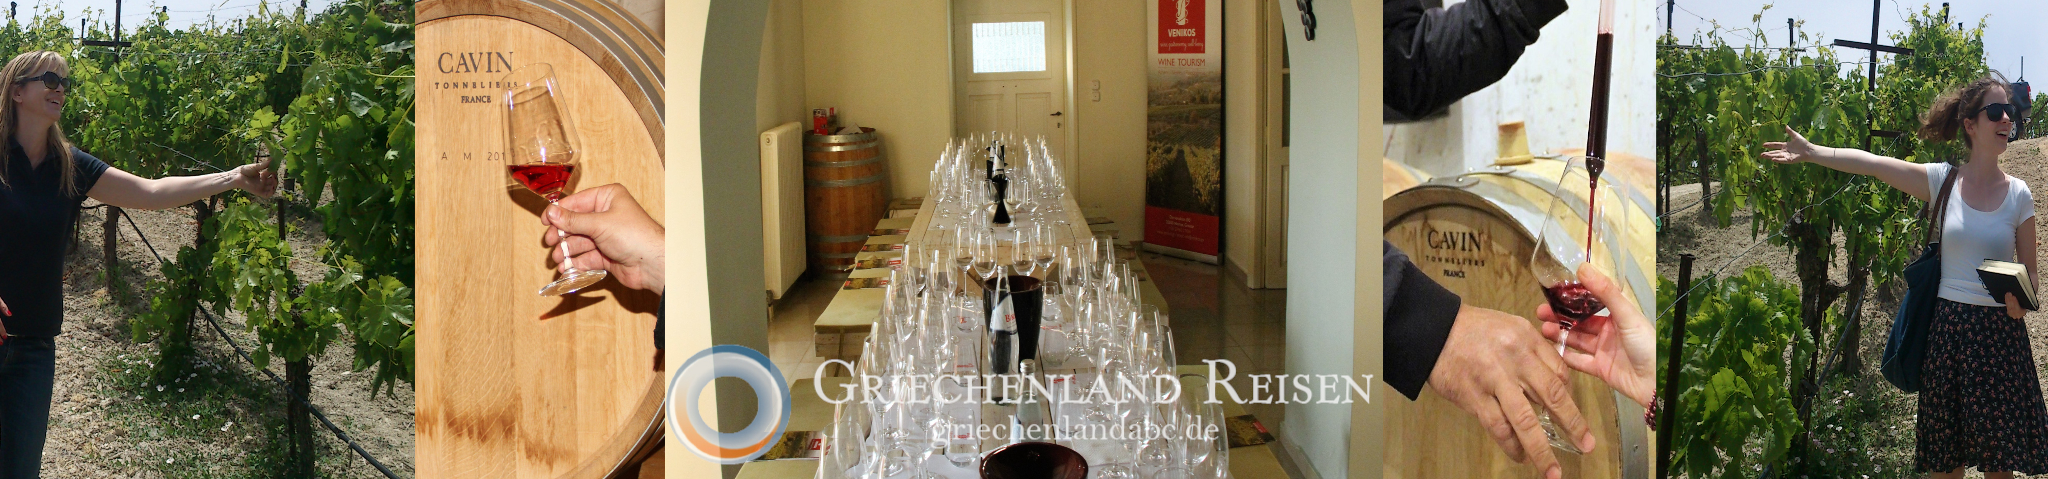 Peloponnes Weinreisen